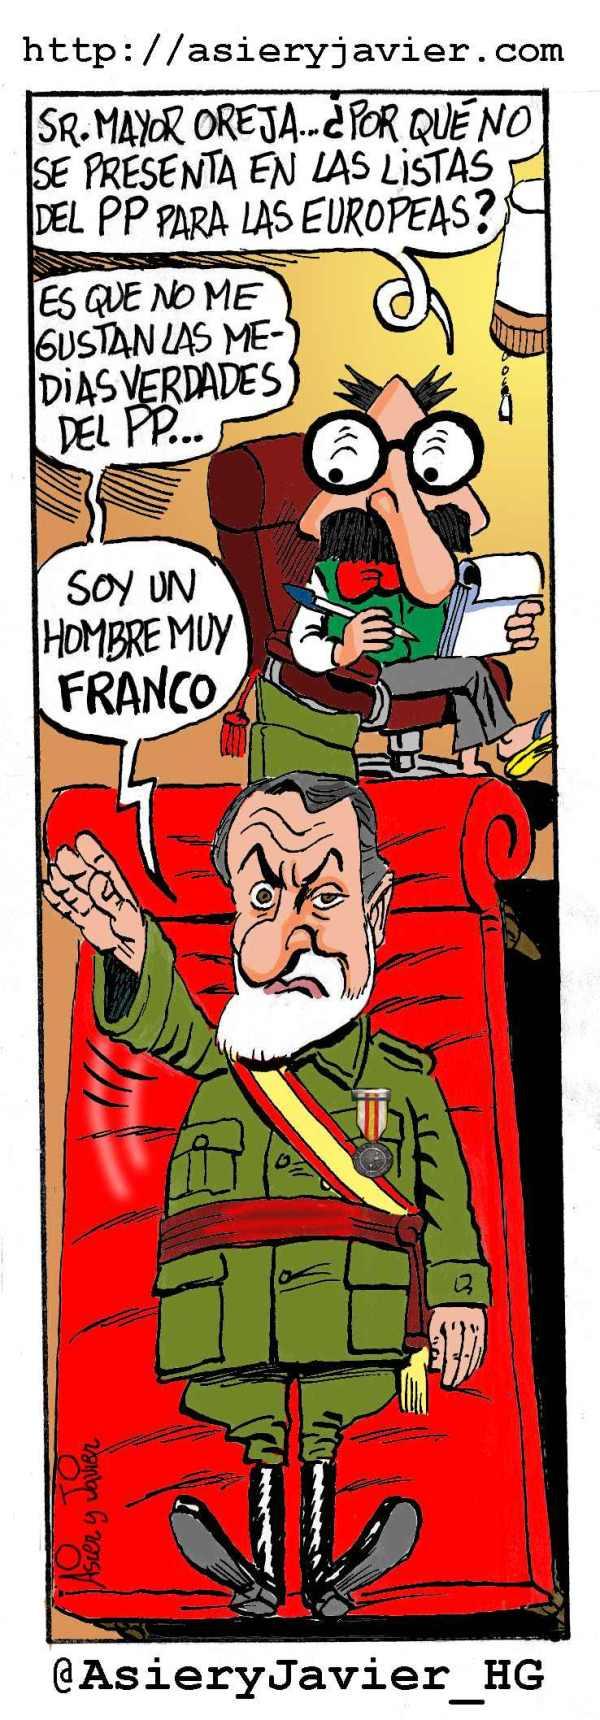 Mayor Oreja visita al doctor Txok tras su renuncia a las listas europeas del PP. Viñeta, humor gráfico, caricatura.